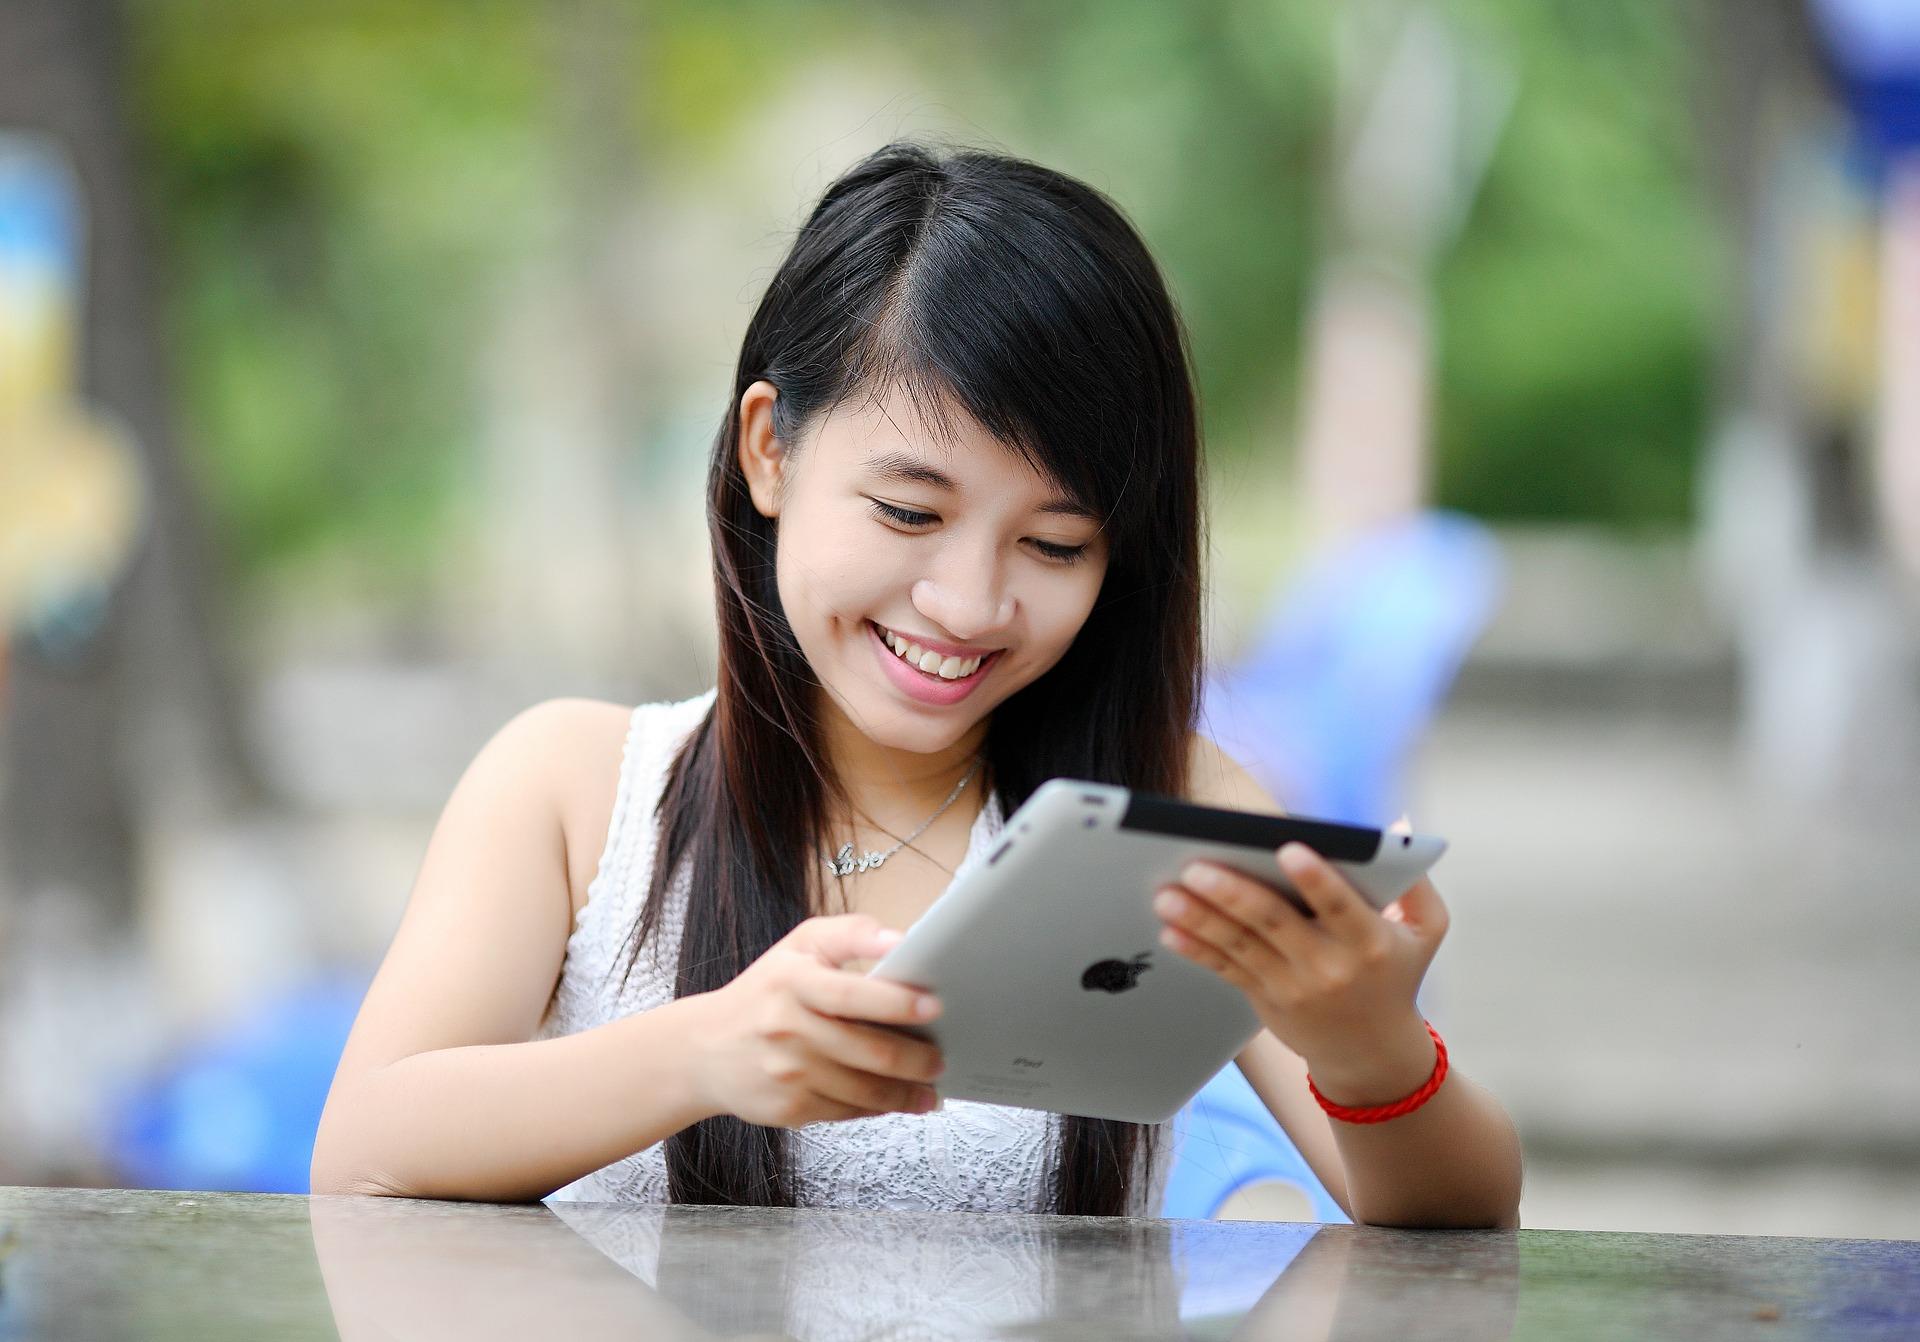 Femme asiatique avec ipad